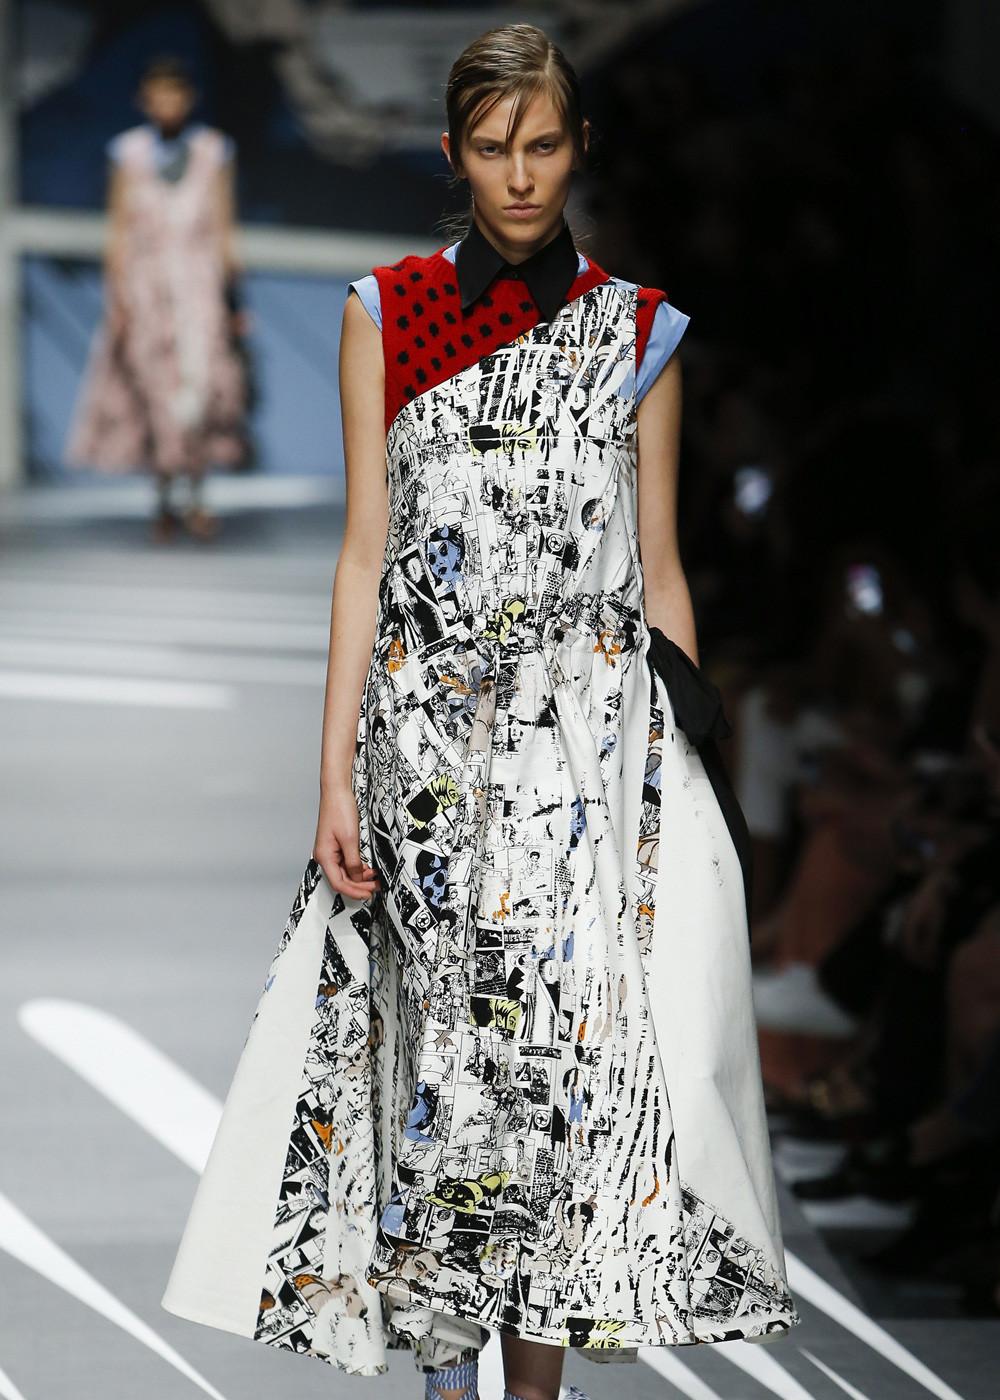 Prada Spring/Summer 18 Collection